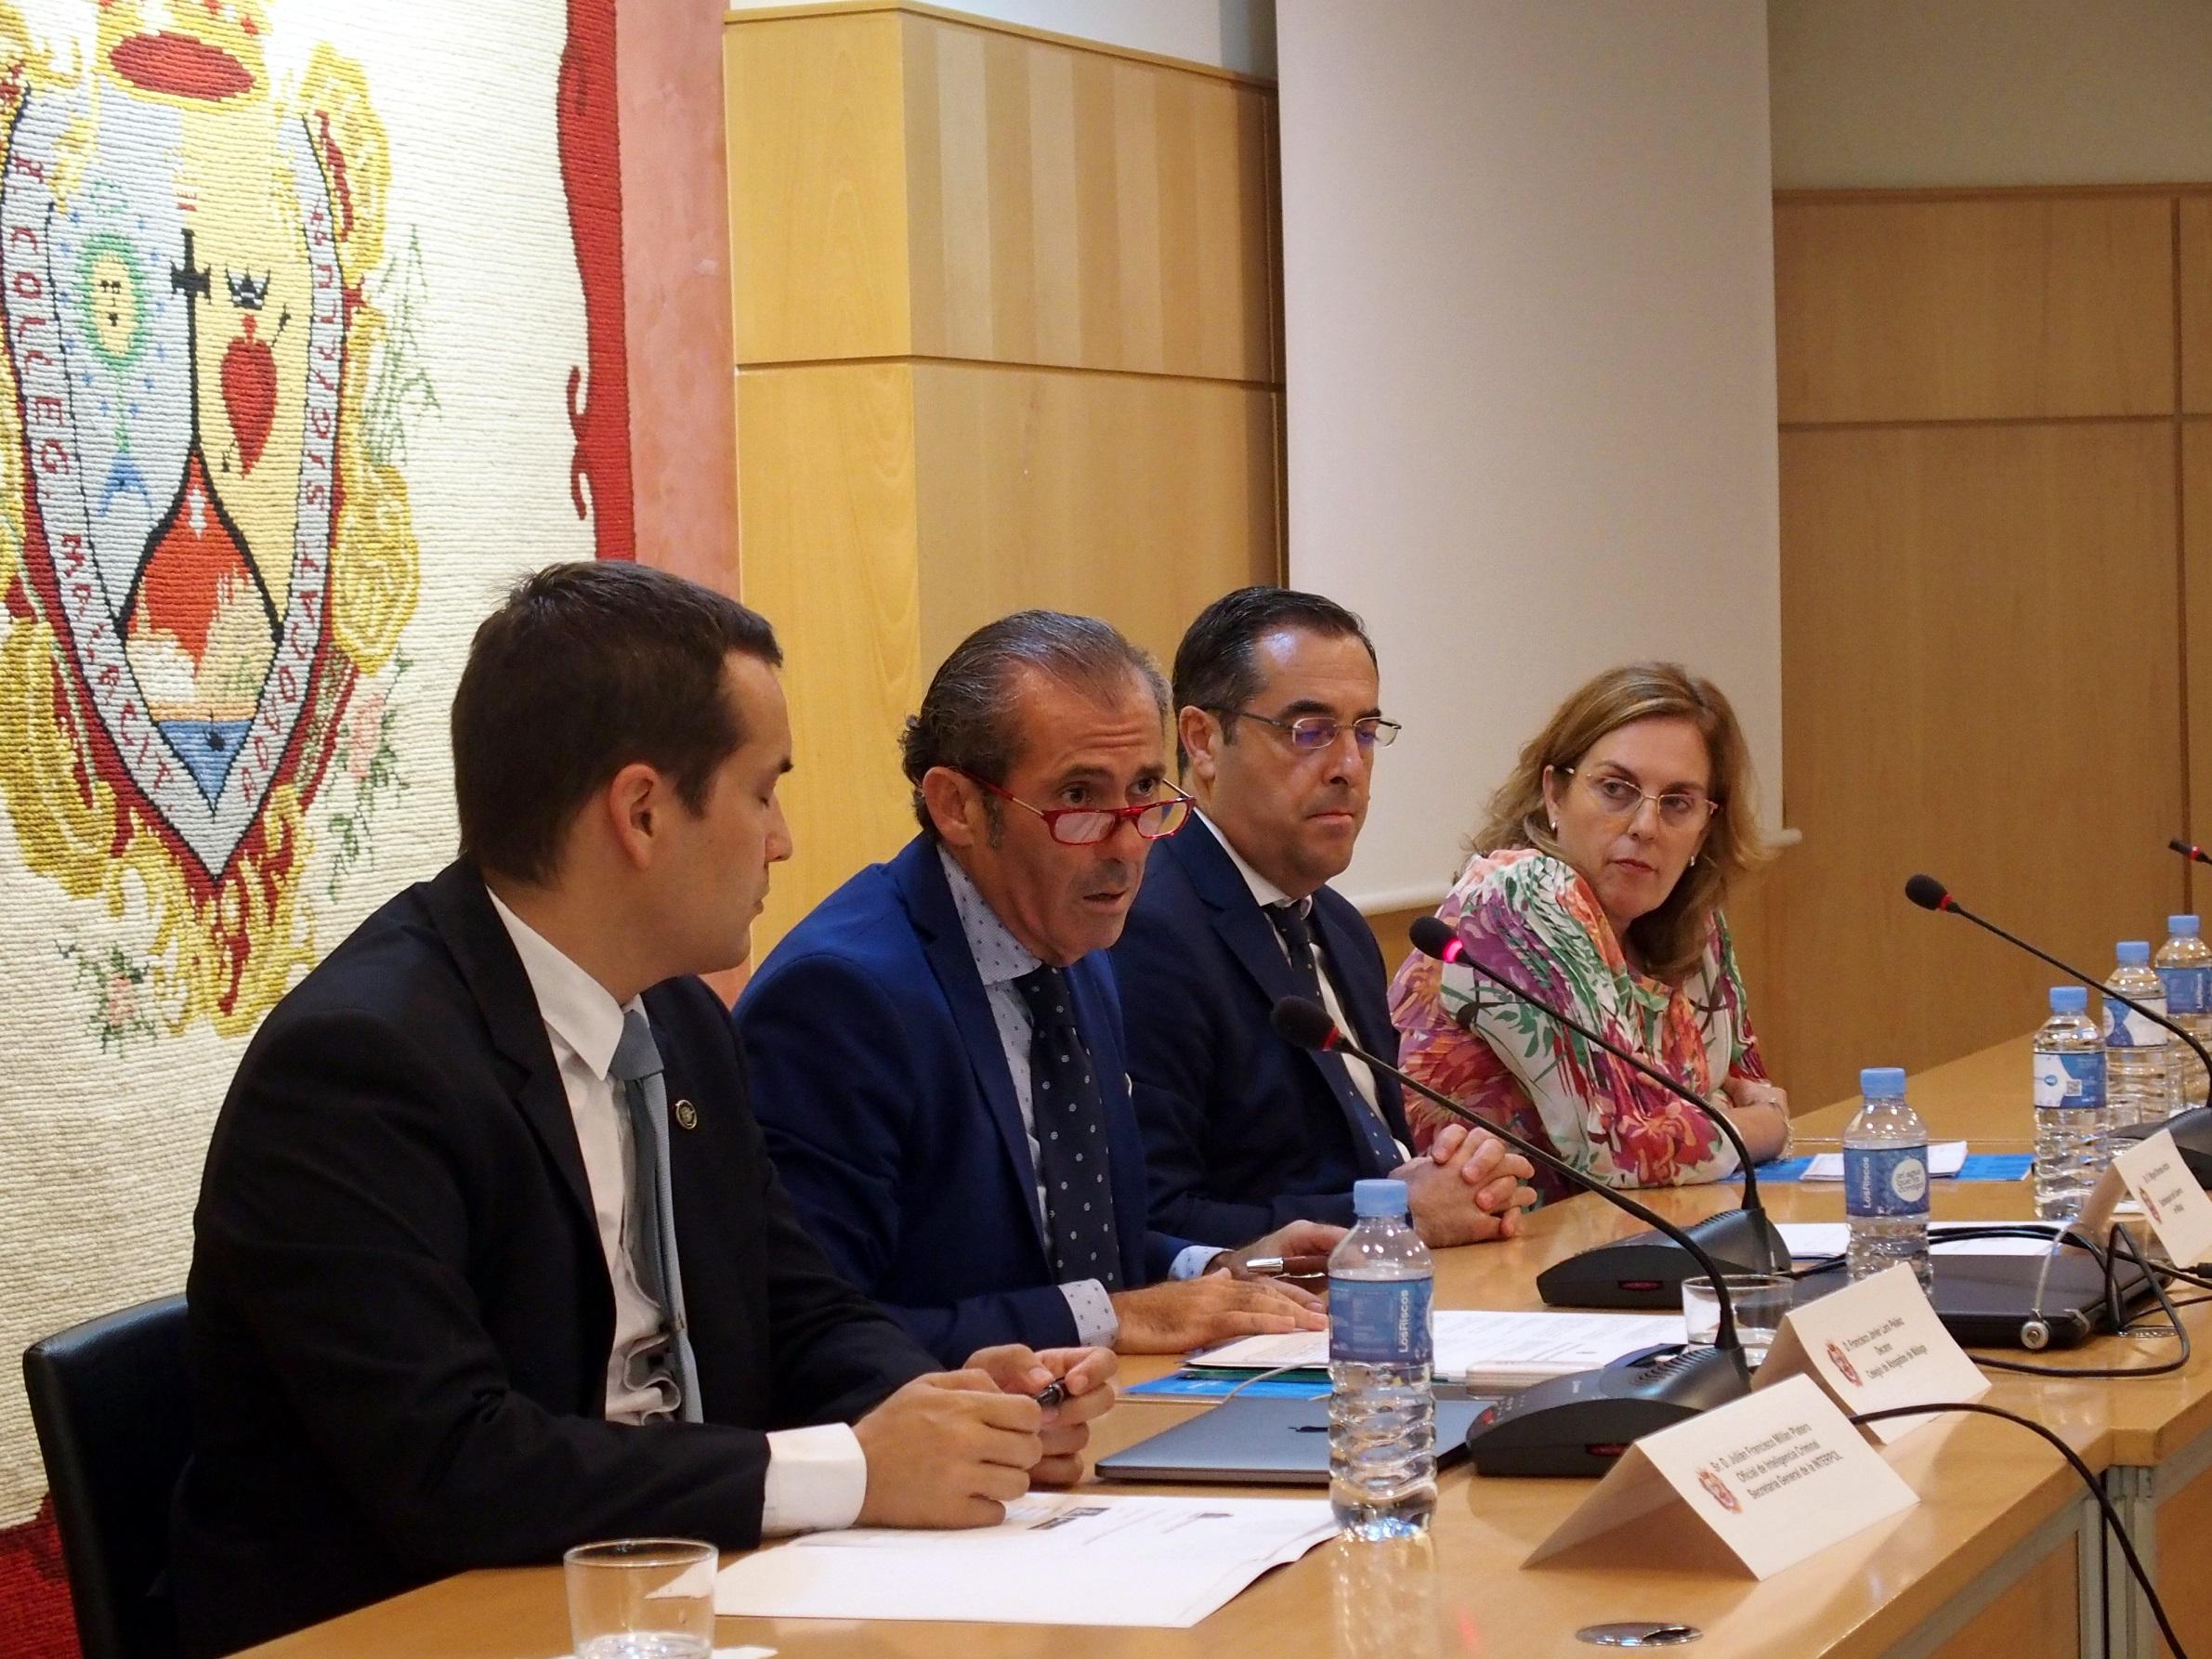 Agentes encubiertos, evidencia digital y abuso sexual infantil centraron la primera jornada del Congreso de Cibercrimen Internacional del Colegio de Abogados de Málaga